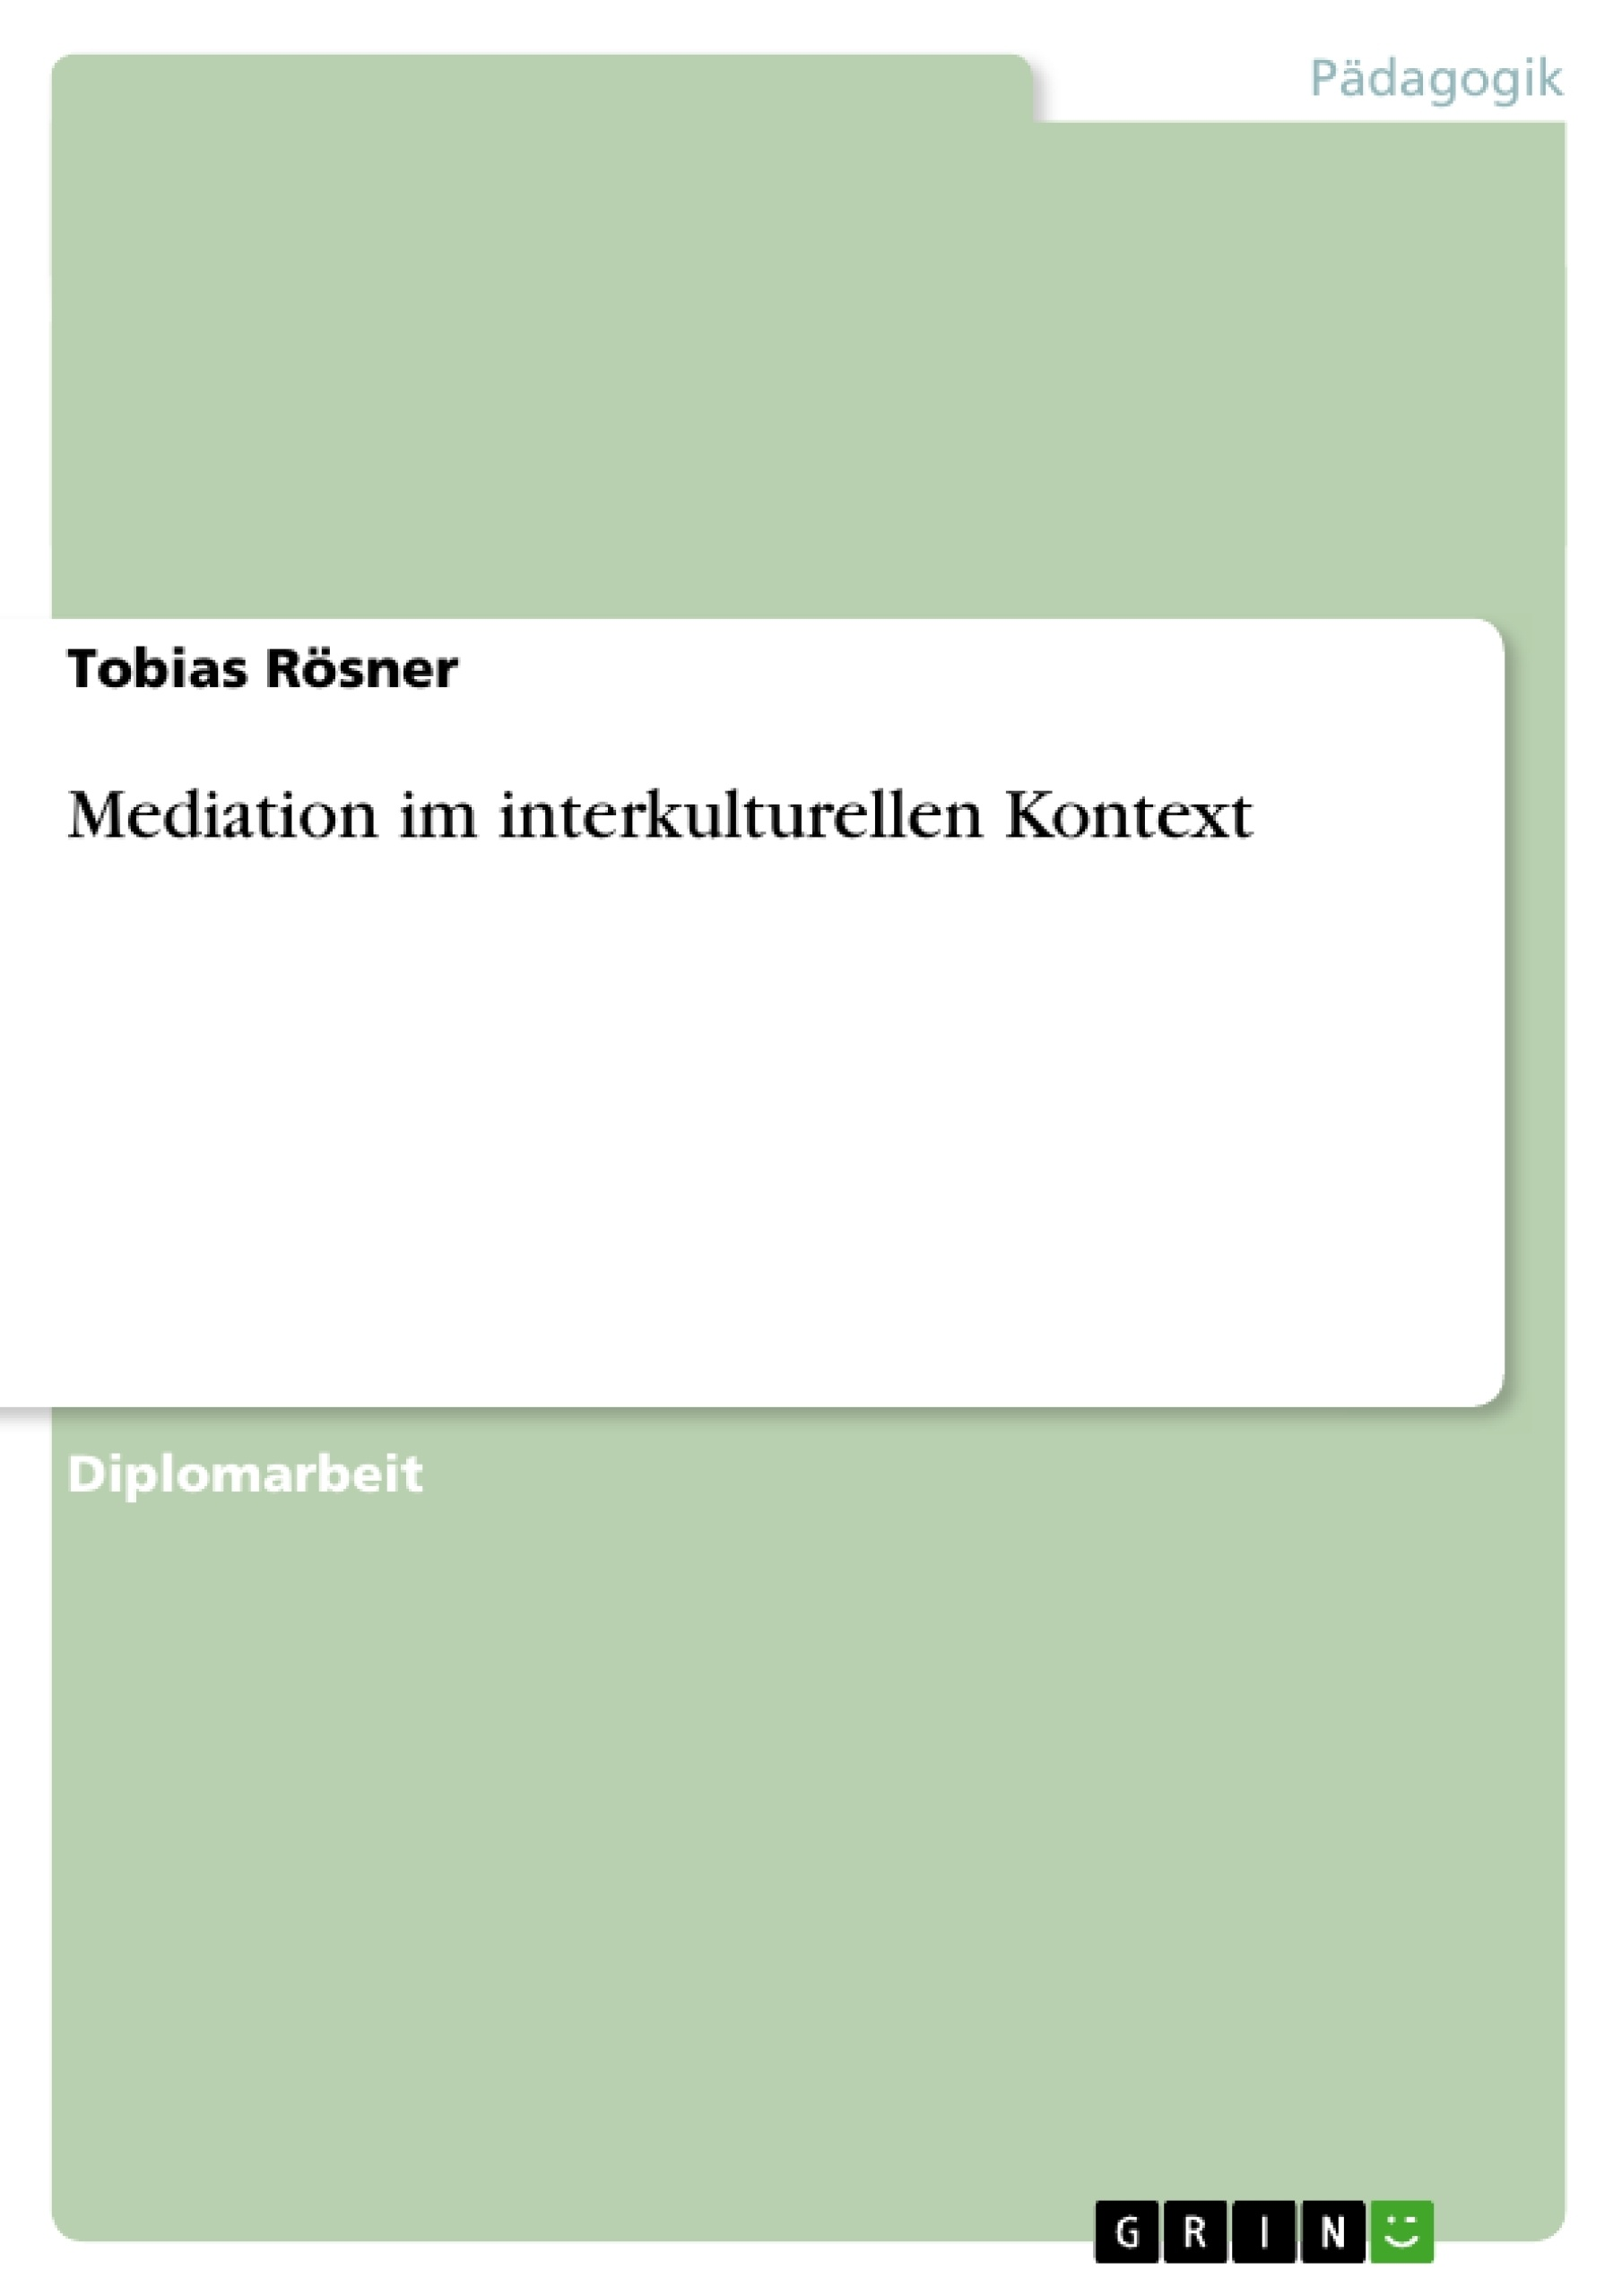 Titel: Mediation im interkulturellen Kontext